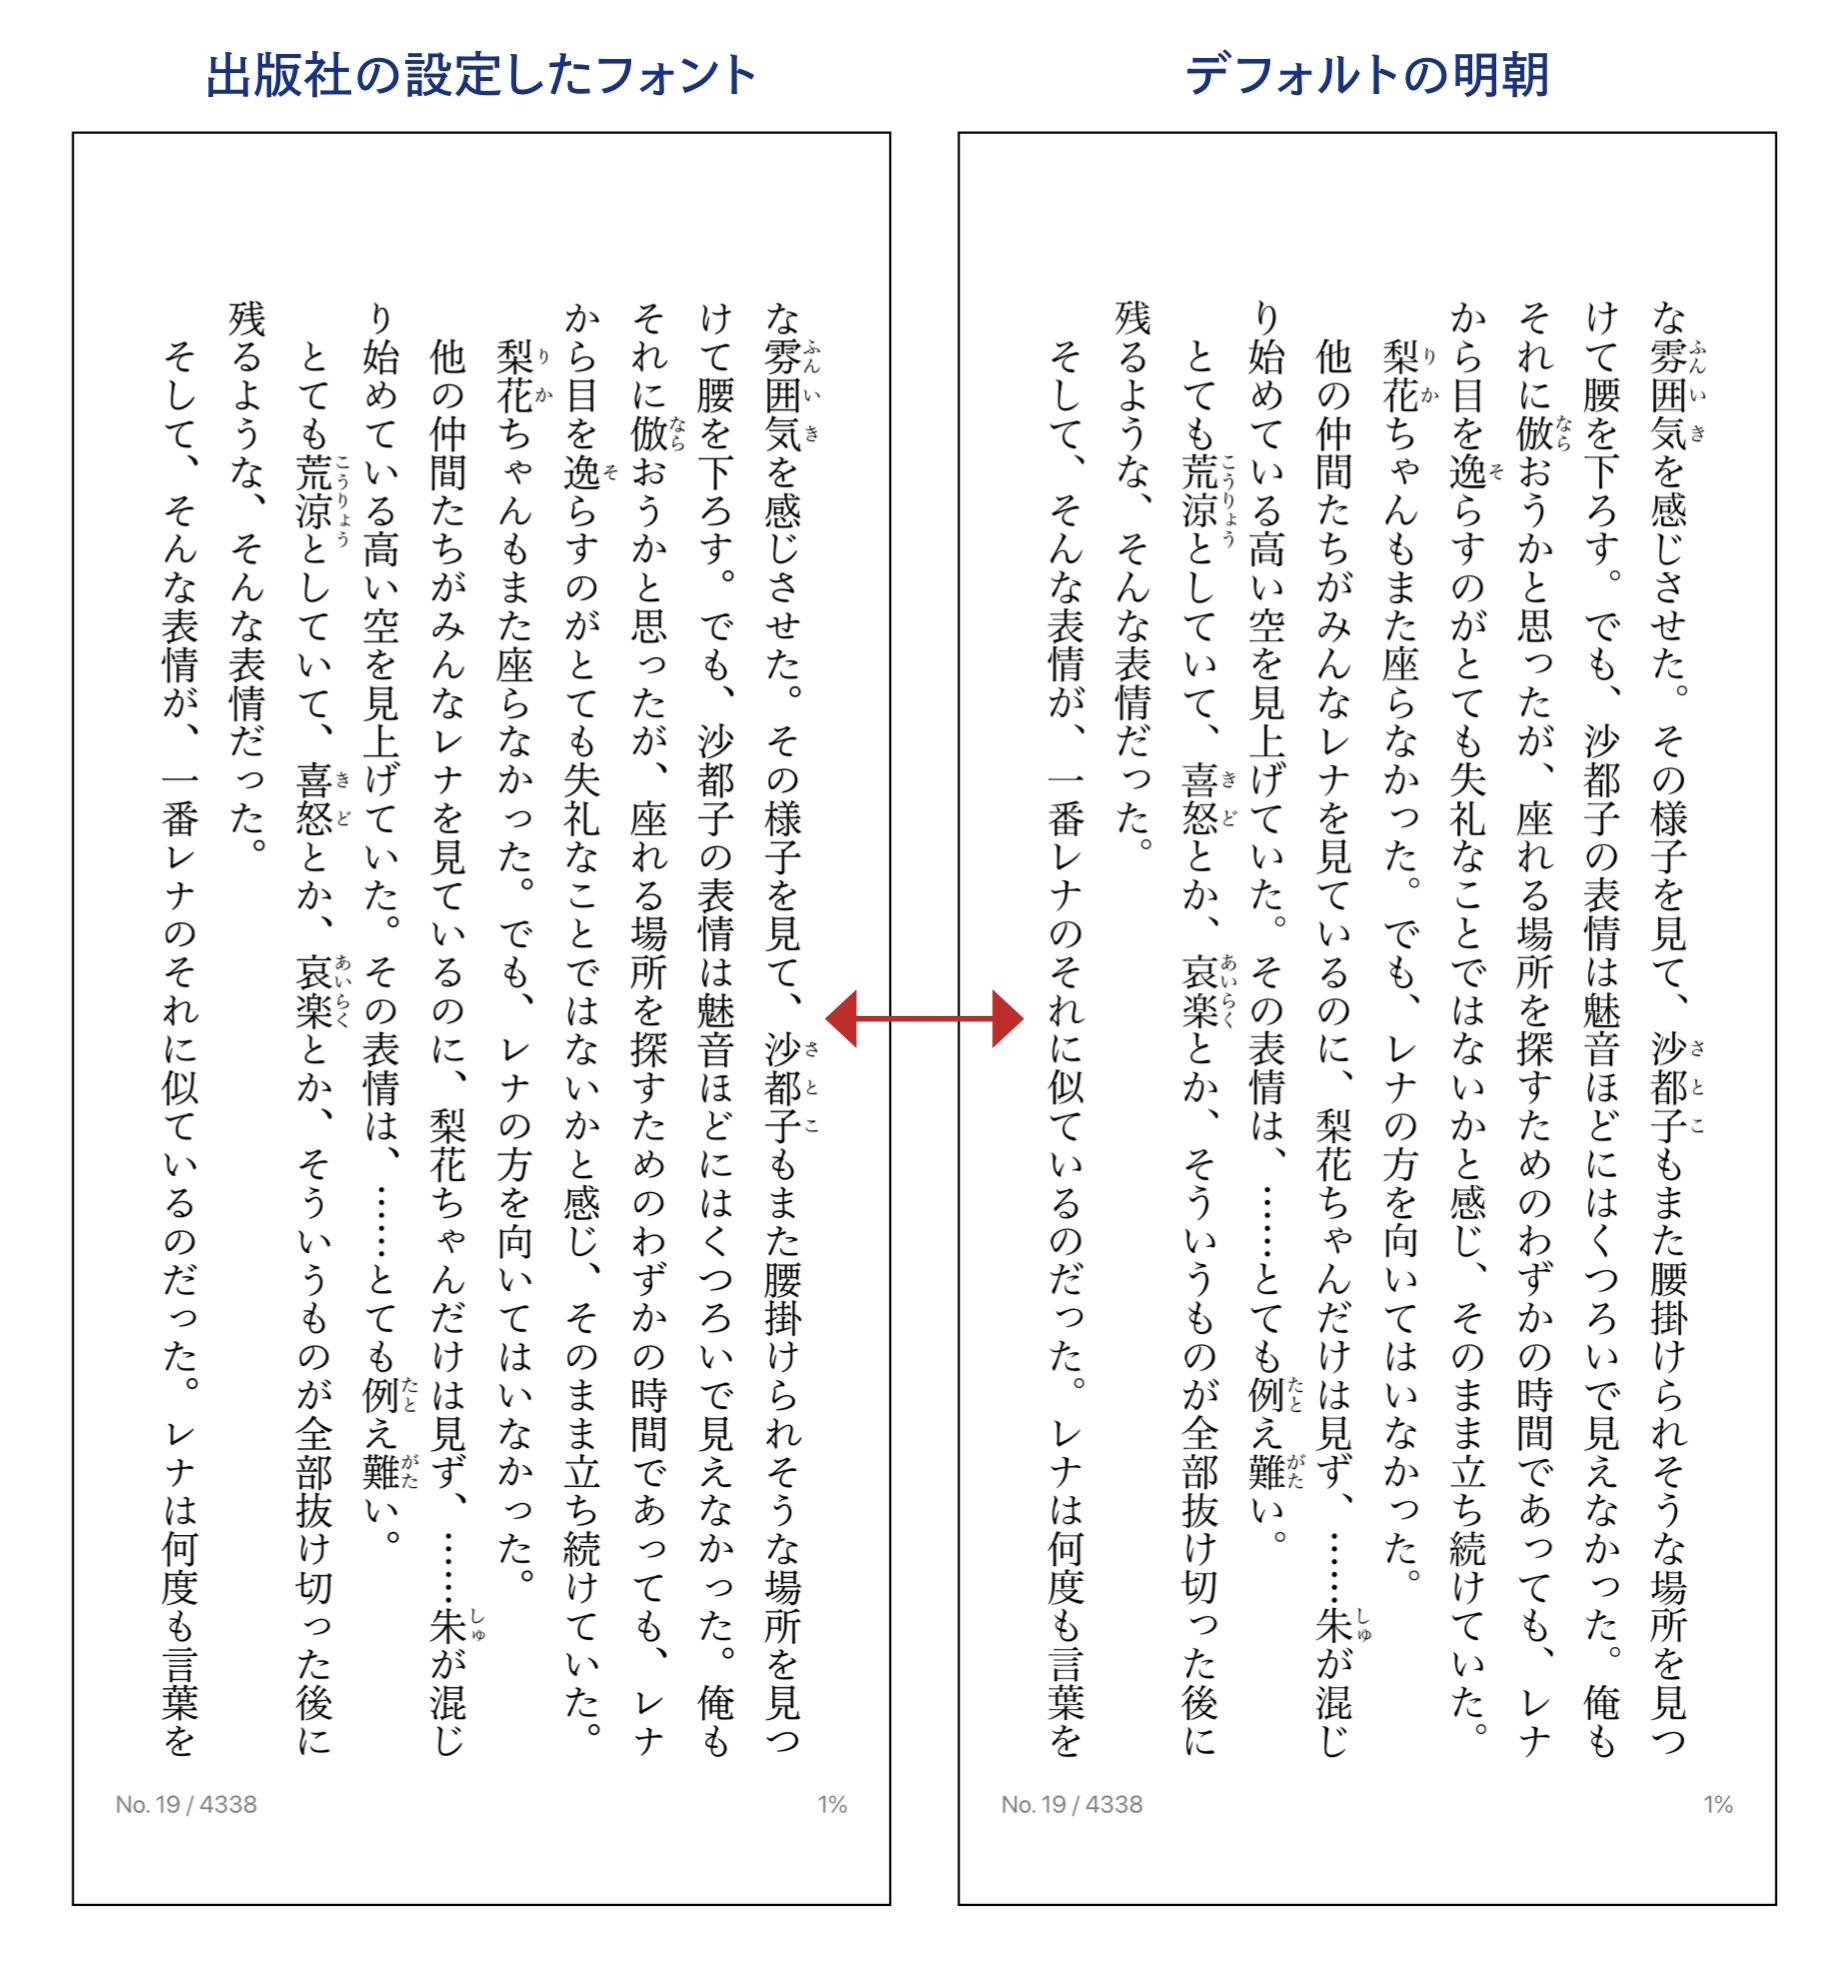 『ひぐらしのなく頃に解・第二話 罪滅し編(上)』(著・竜騎士07)電子書籍版の版面。右がKindle標準搭載のフォントで、左が星海社の電子書籍に埋め込まれたフォントを使った場合だ